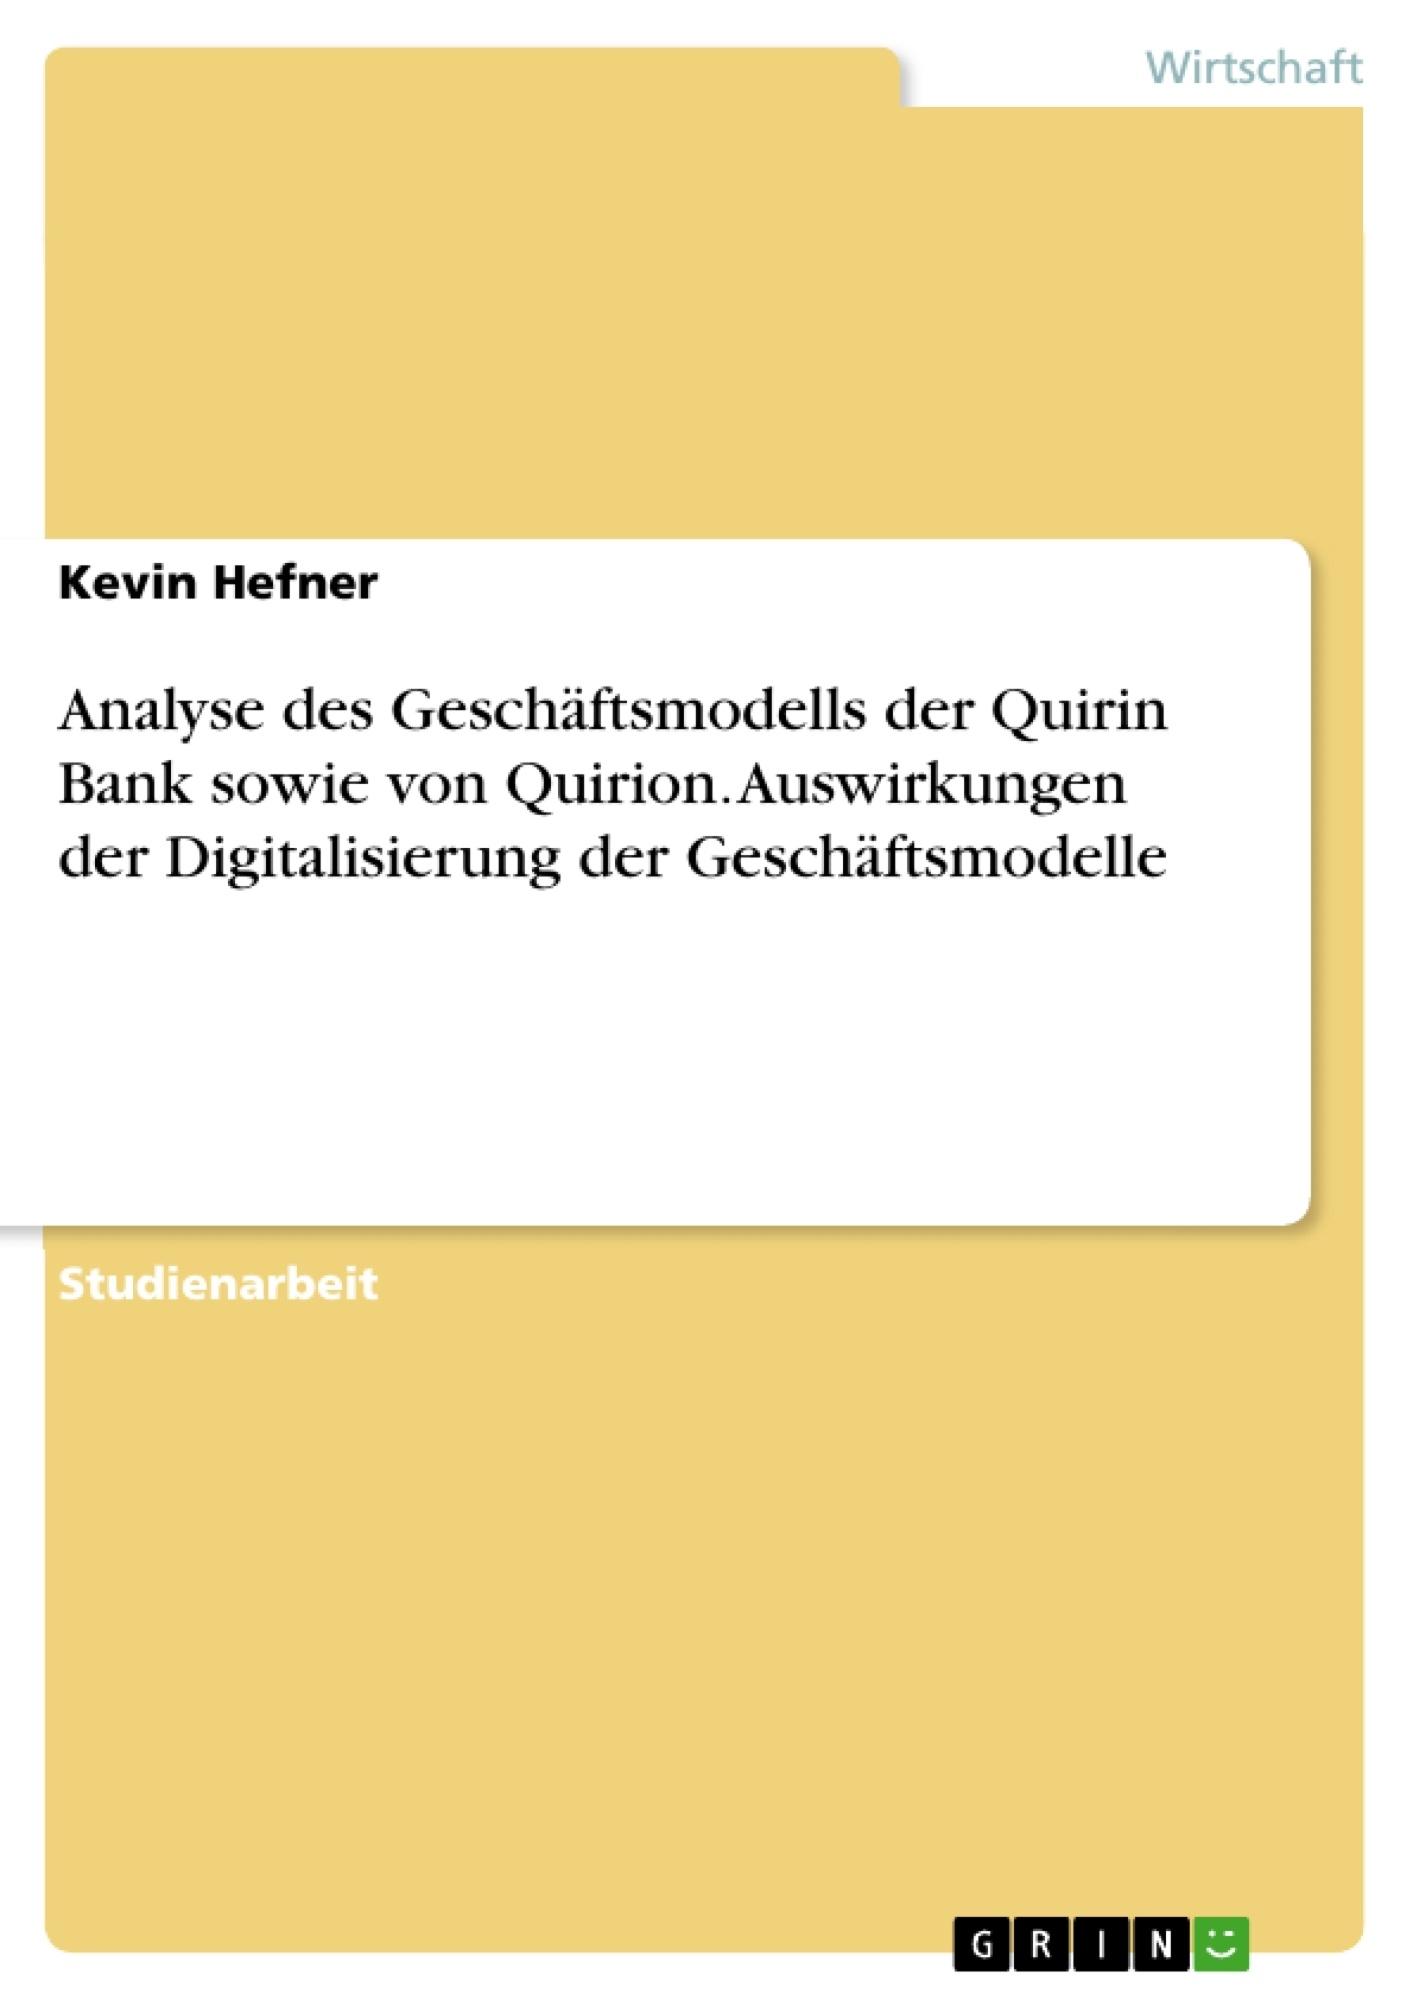 Titel: Analyse des Geschäftsmodells der Quirin Bank sowie von Quirion. Auswirkungen der Digitalisierung der Geschäftsmodelle